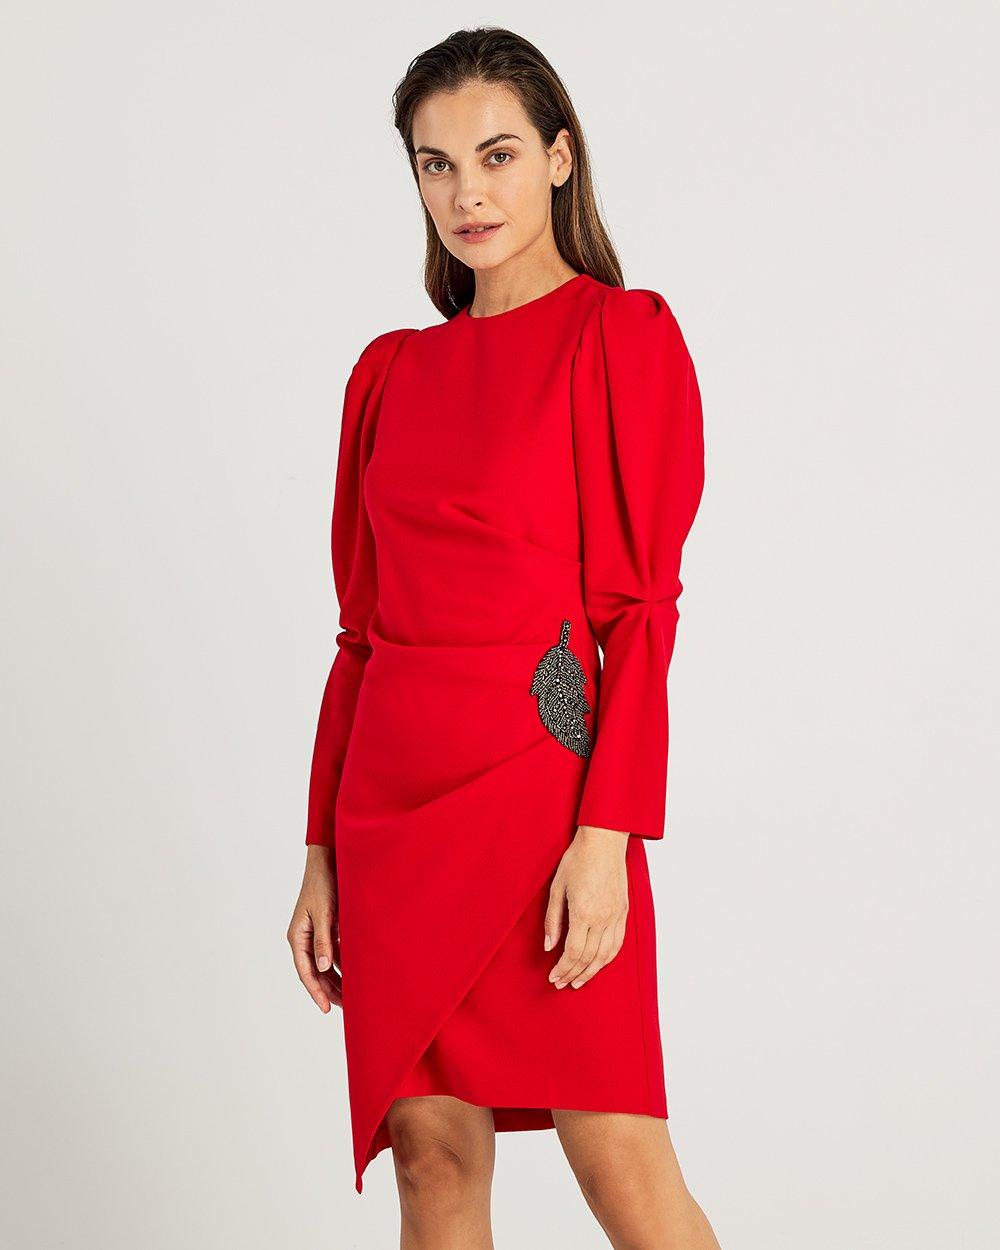 Φόρεμα με puffed μανίκια